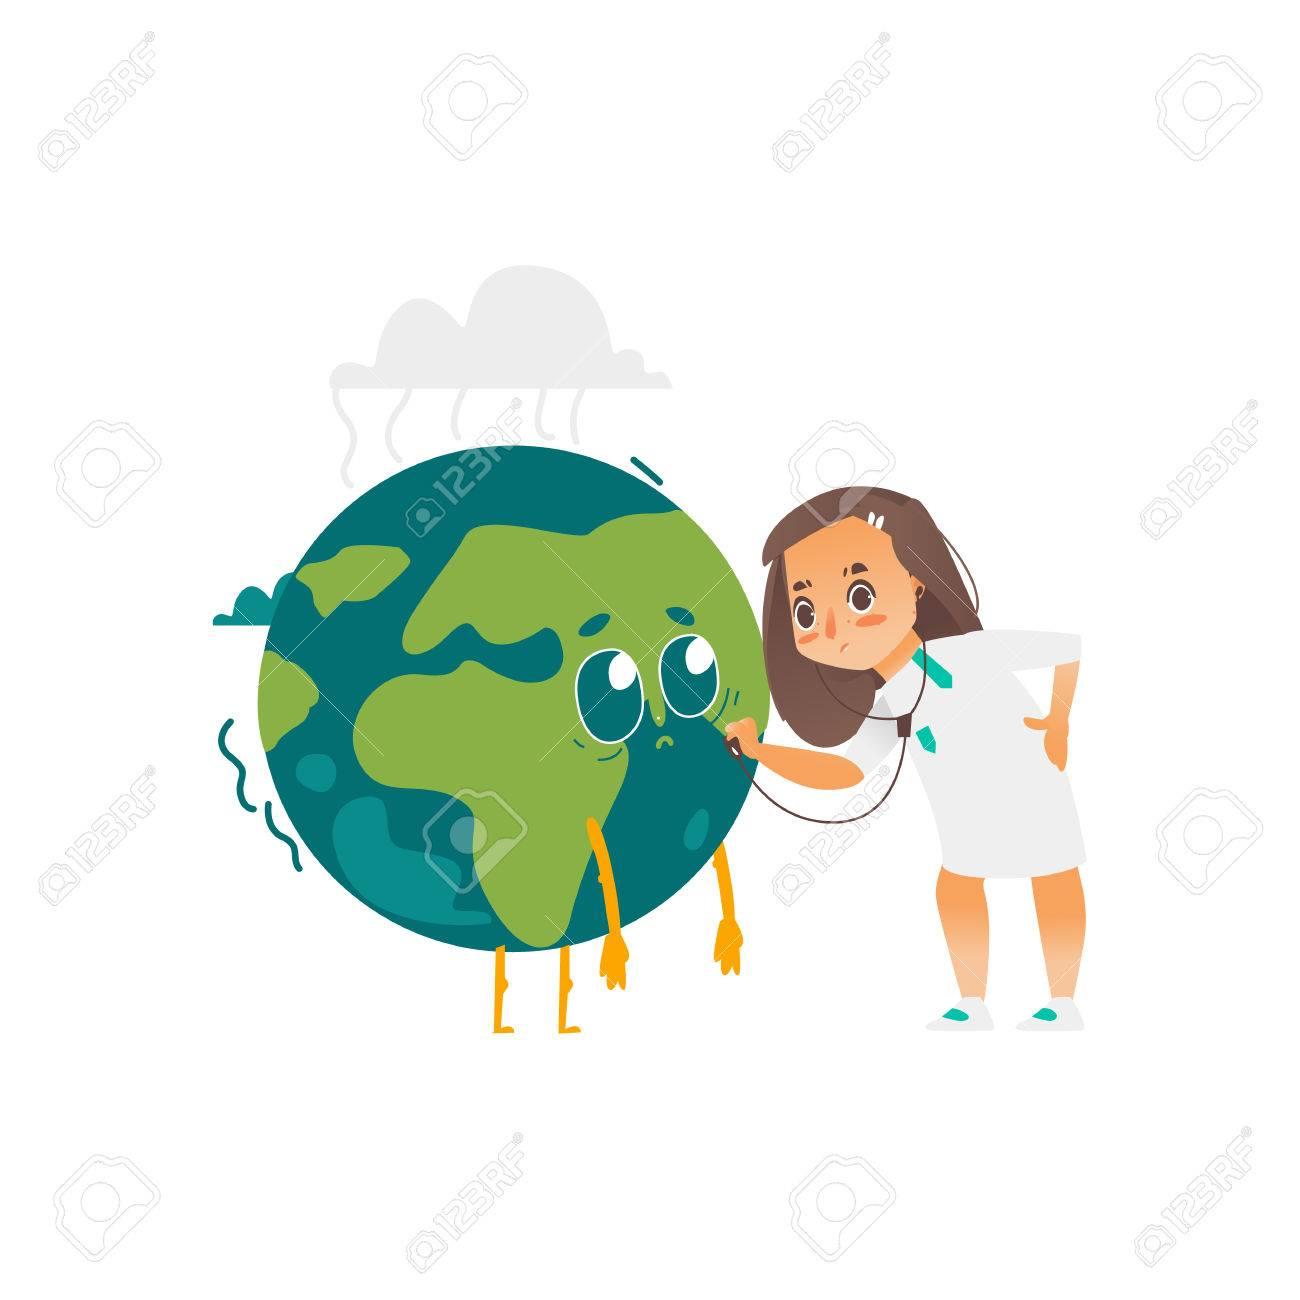 Vector Sauver Le Concept De La Planète Docteur Fille Plat Dessin Animé Tenant Stéthoscope Examinant Les Poumons Du Personnage Triste De La Planète